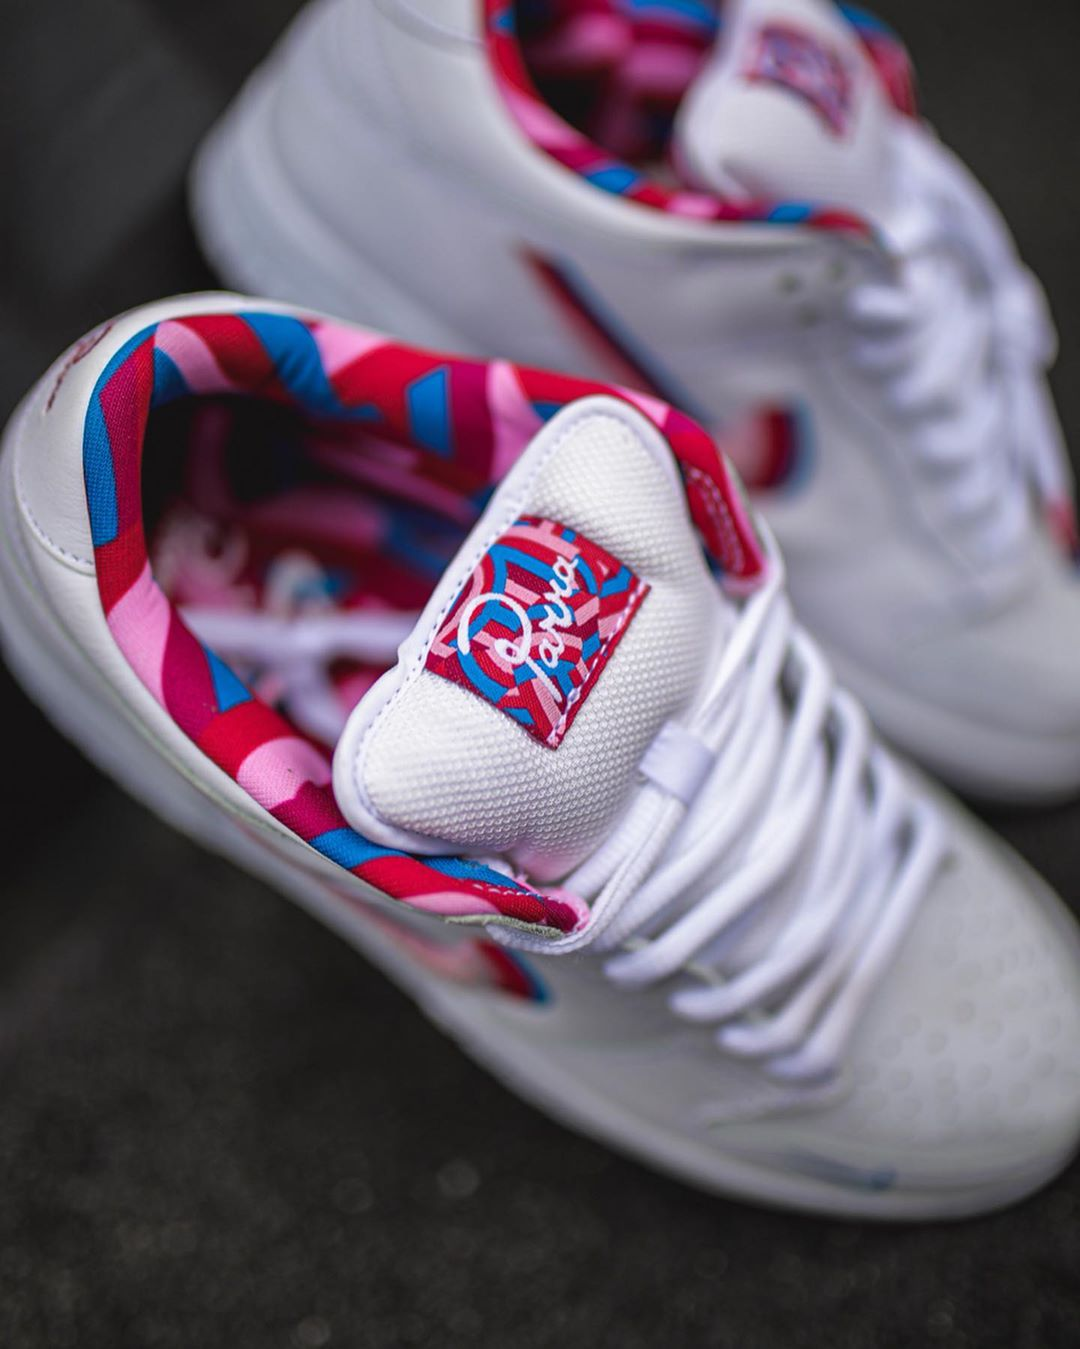 Parra Nike SB Dunk